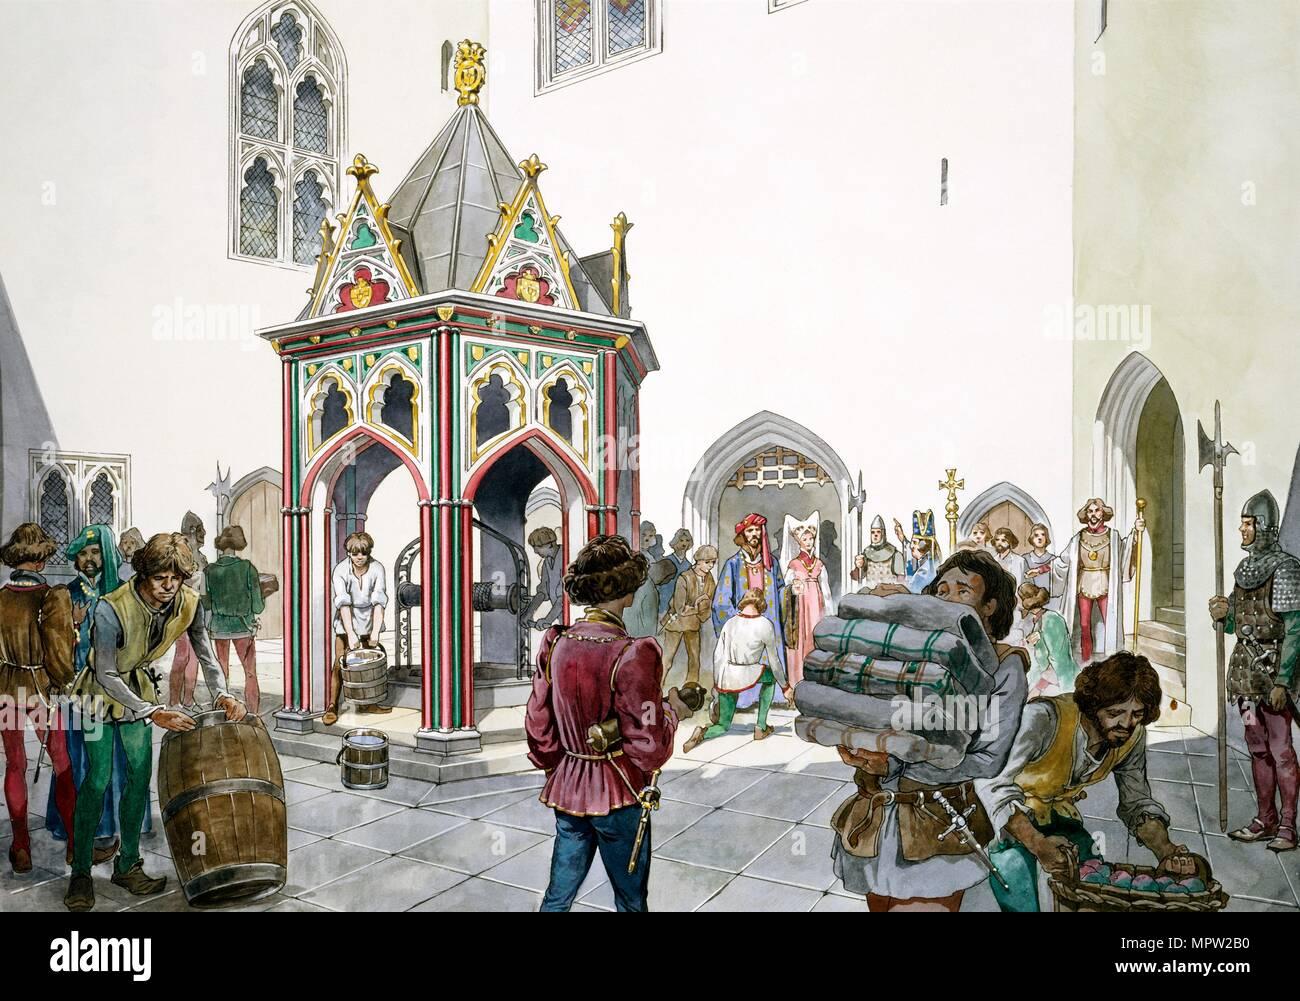 Il cortile antico Castello Wardour, Tisbury, Wiltshire, nel Medioevo, 1995-1999. Artista: Filippo Corke. Immagini Stock